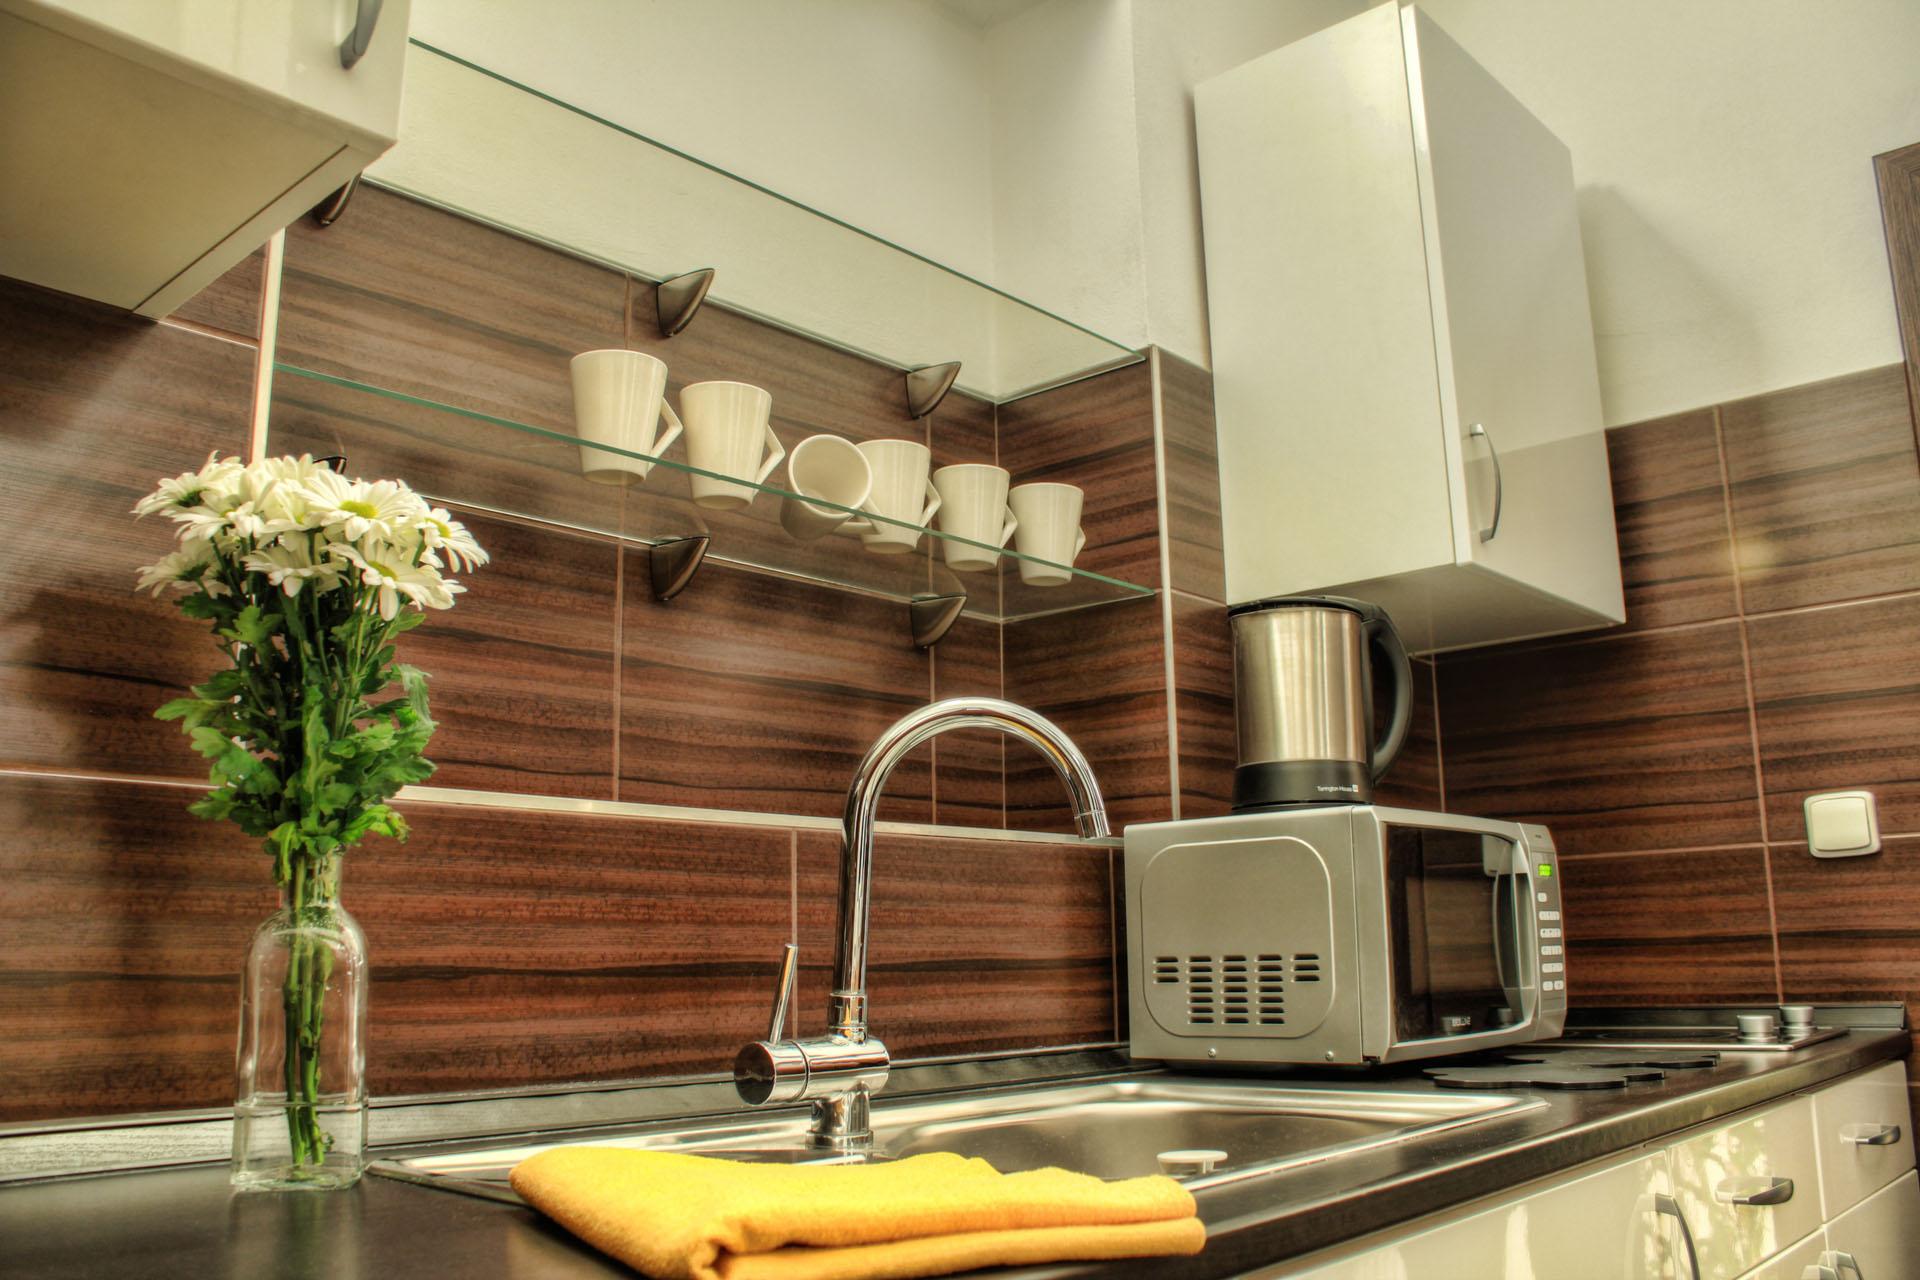 Kuchyňská linka s vázou s květinami, mikrovlnnou troubou a varnou konvicí v apartmánu Ornela a Lukrécie